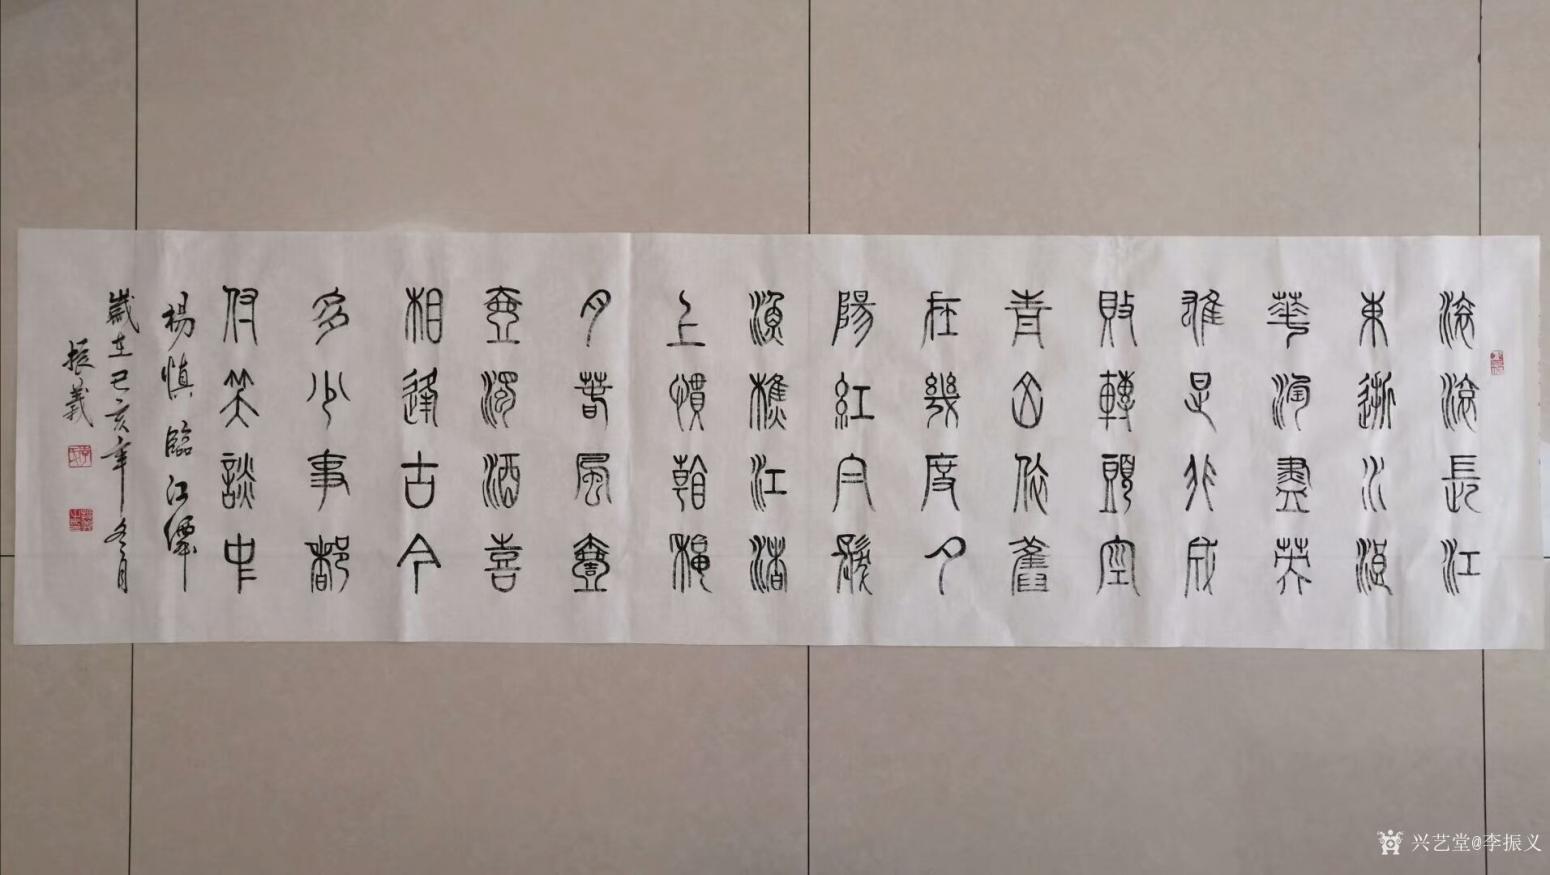 李振义书法作品《篆书-临江仙》